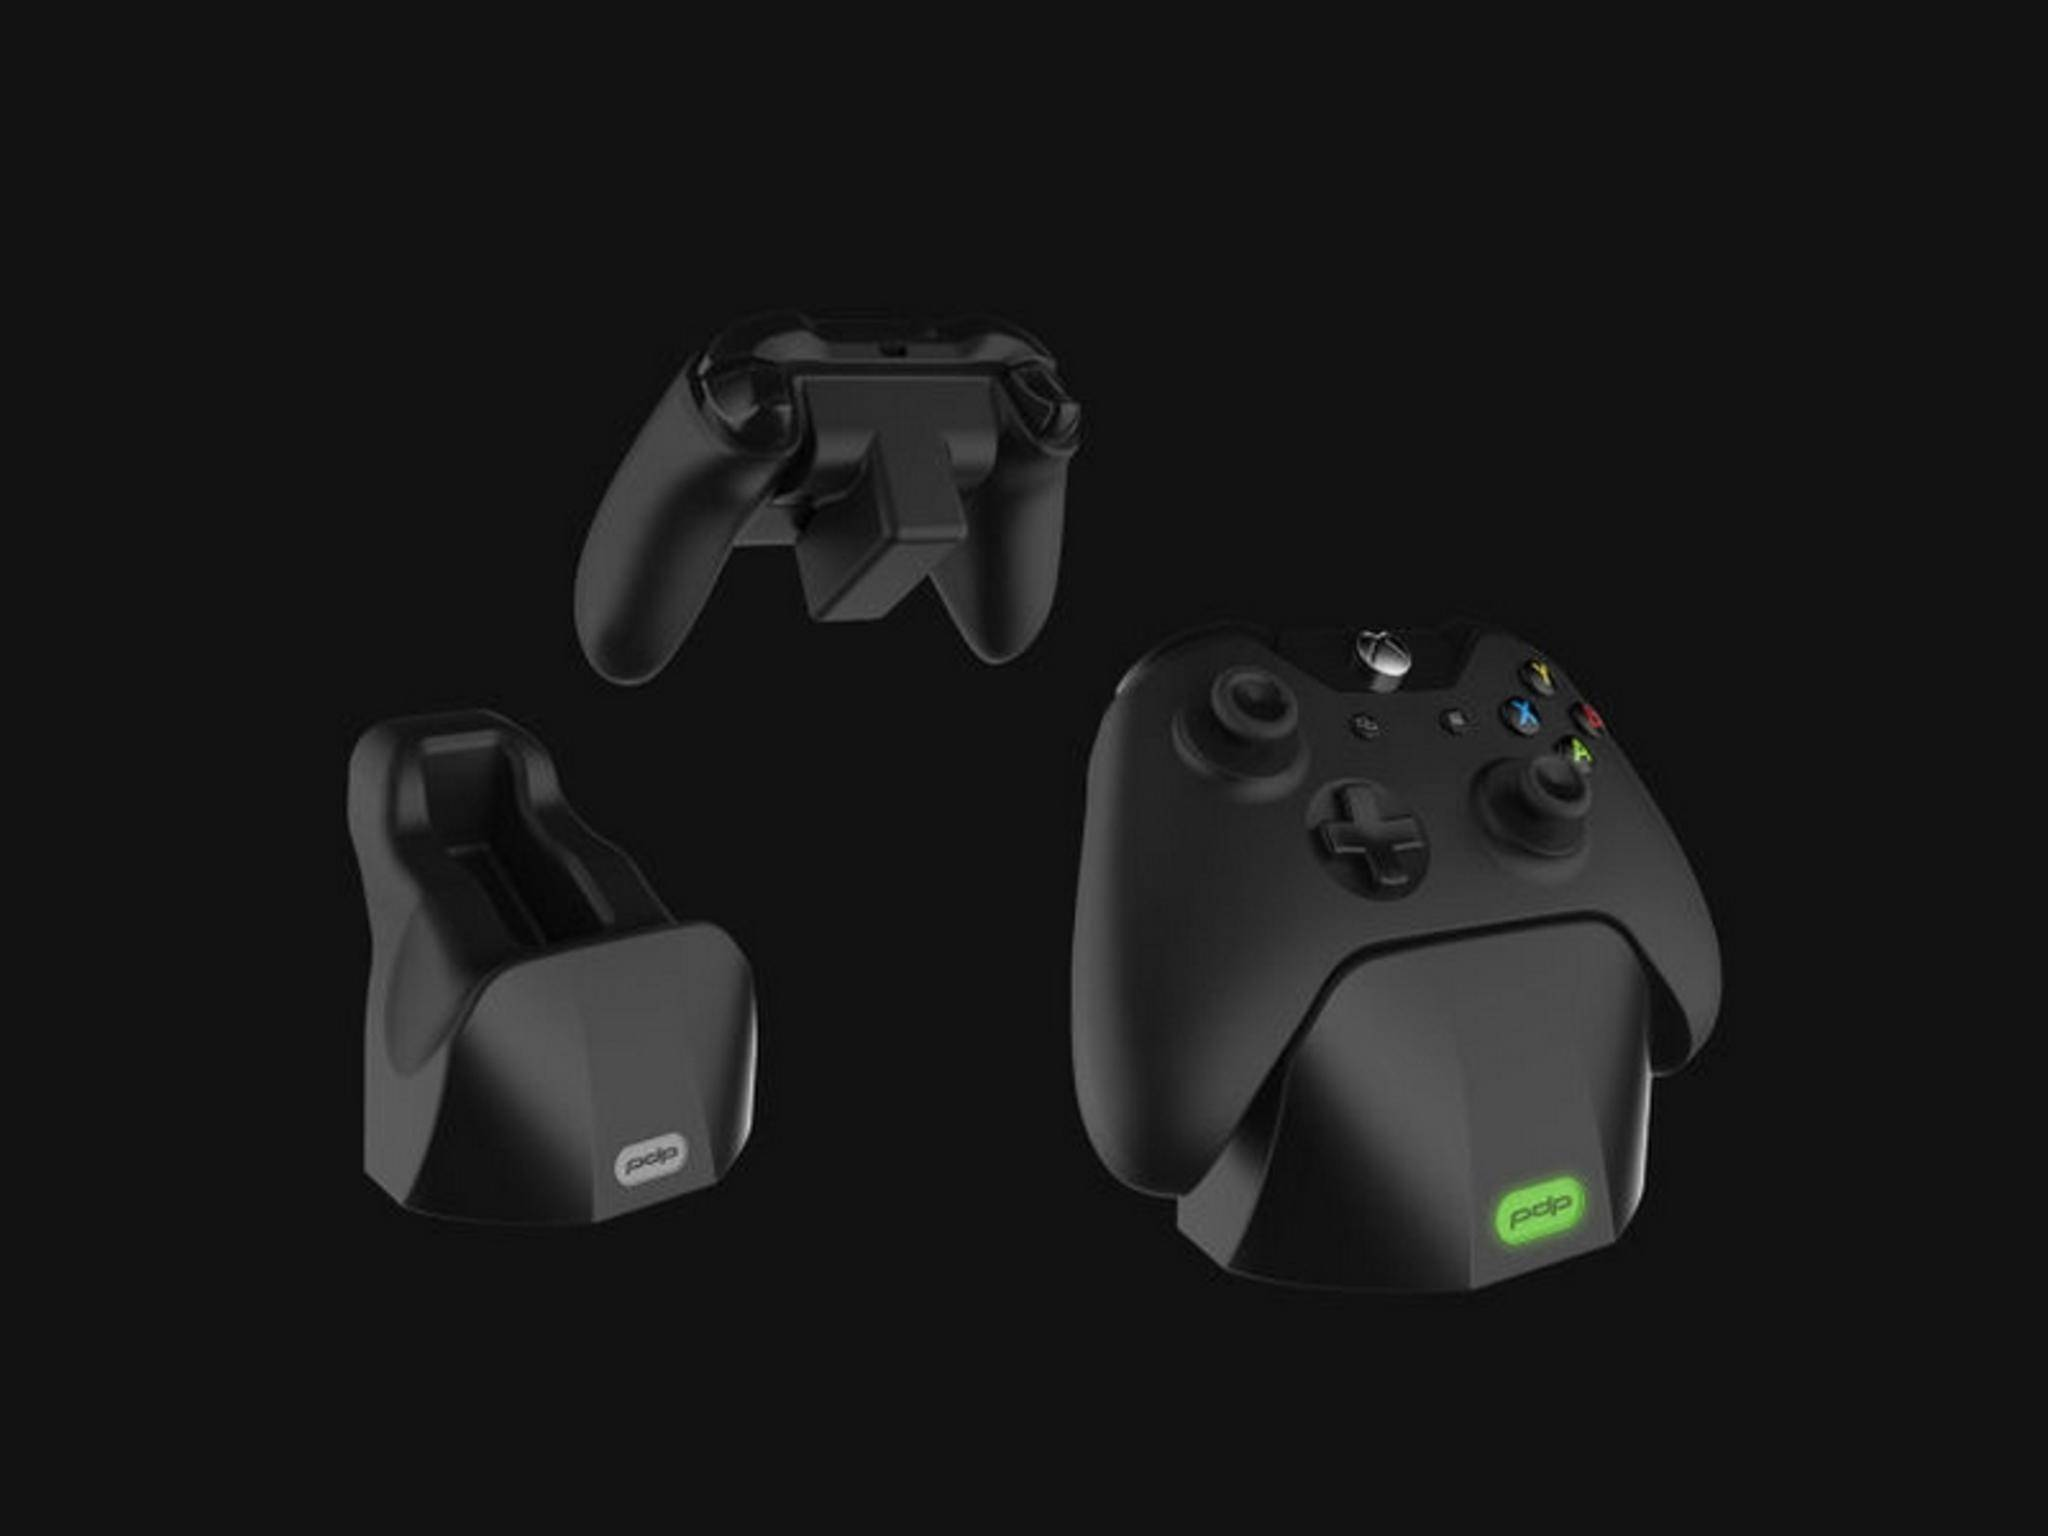 Der Super Charger soll den Xbox One-Controller in Windeseile aufladen.